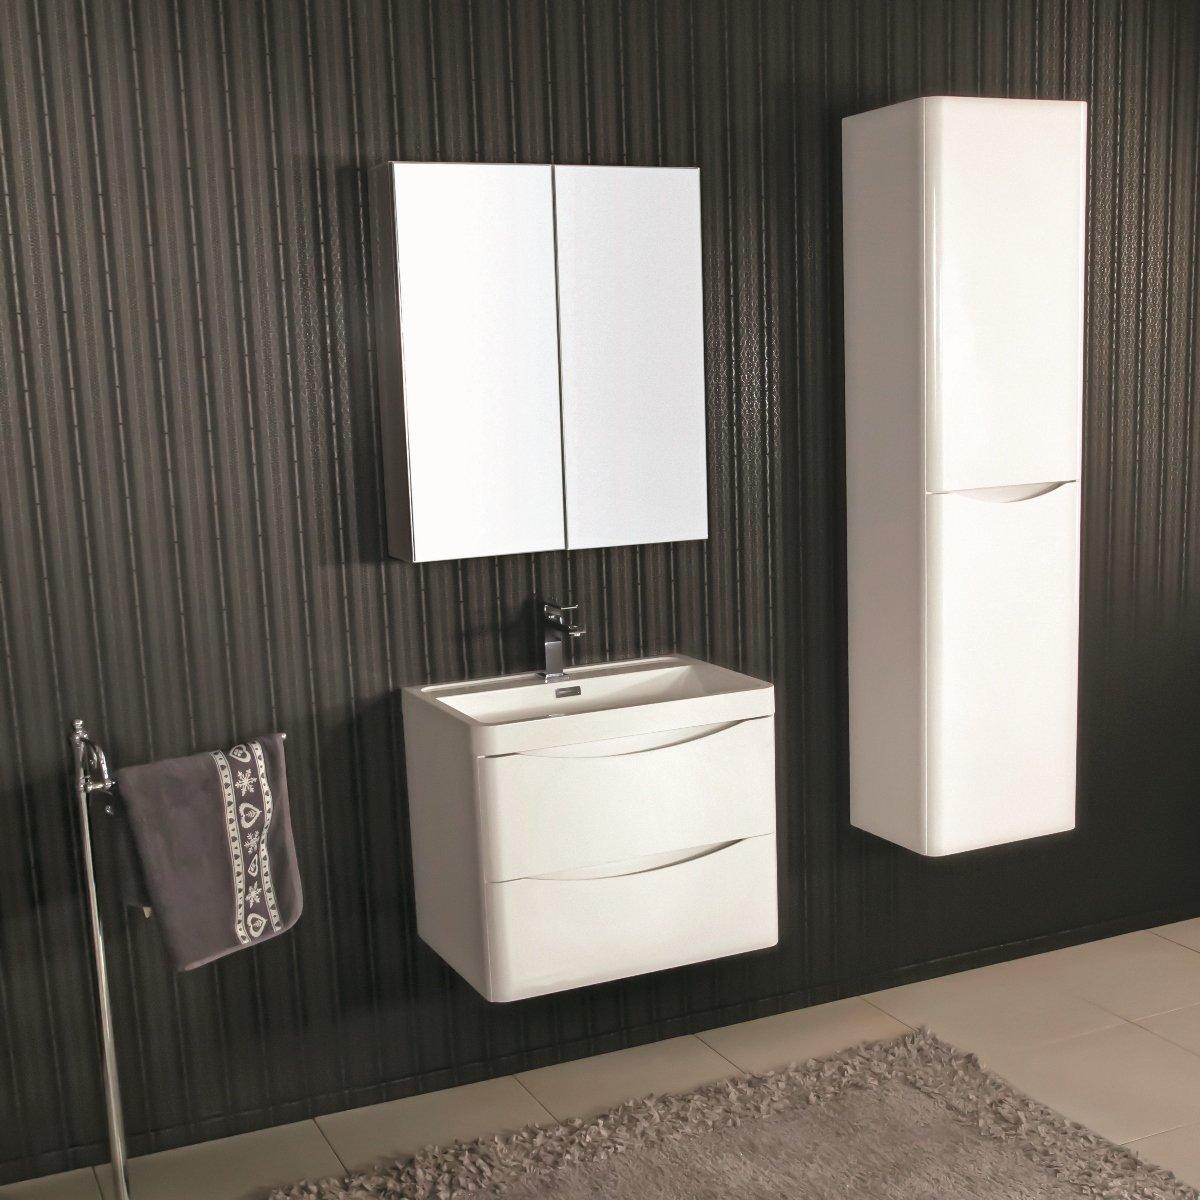 Top mobile bagno great offerta mobile bagno classico ciliegio bassano stile retr con top in - Mobile bagno classico bianco ...